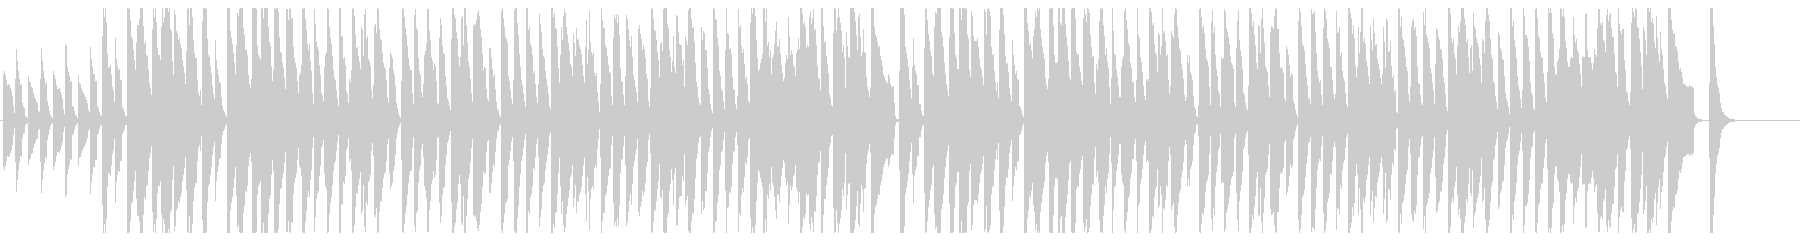 鉄琴とピアノの少しメルヘンで弾んだ曲の未再生の波形